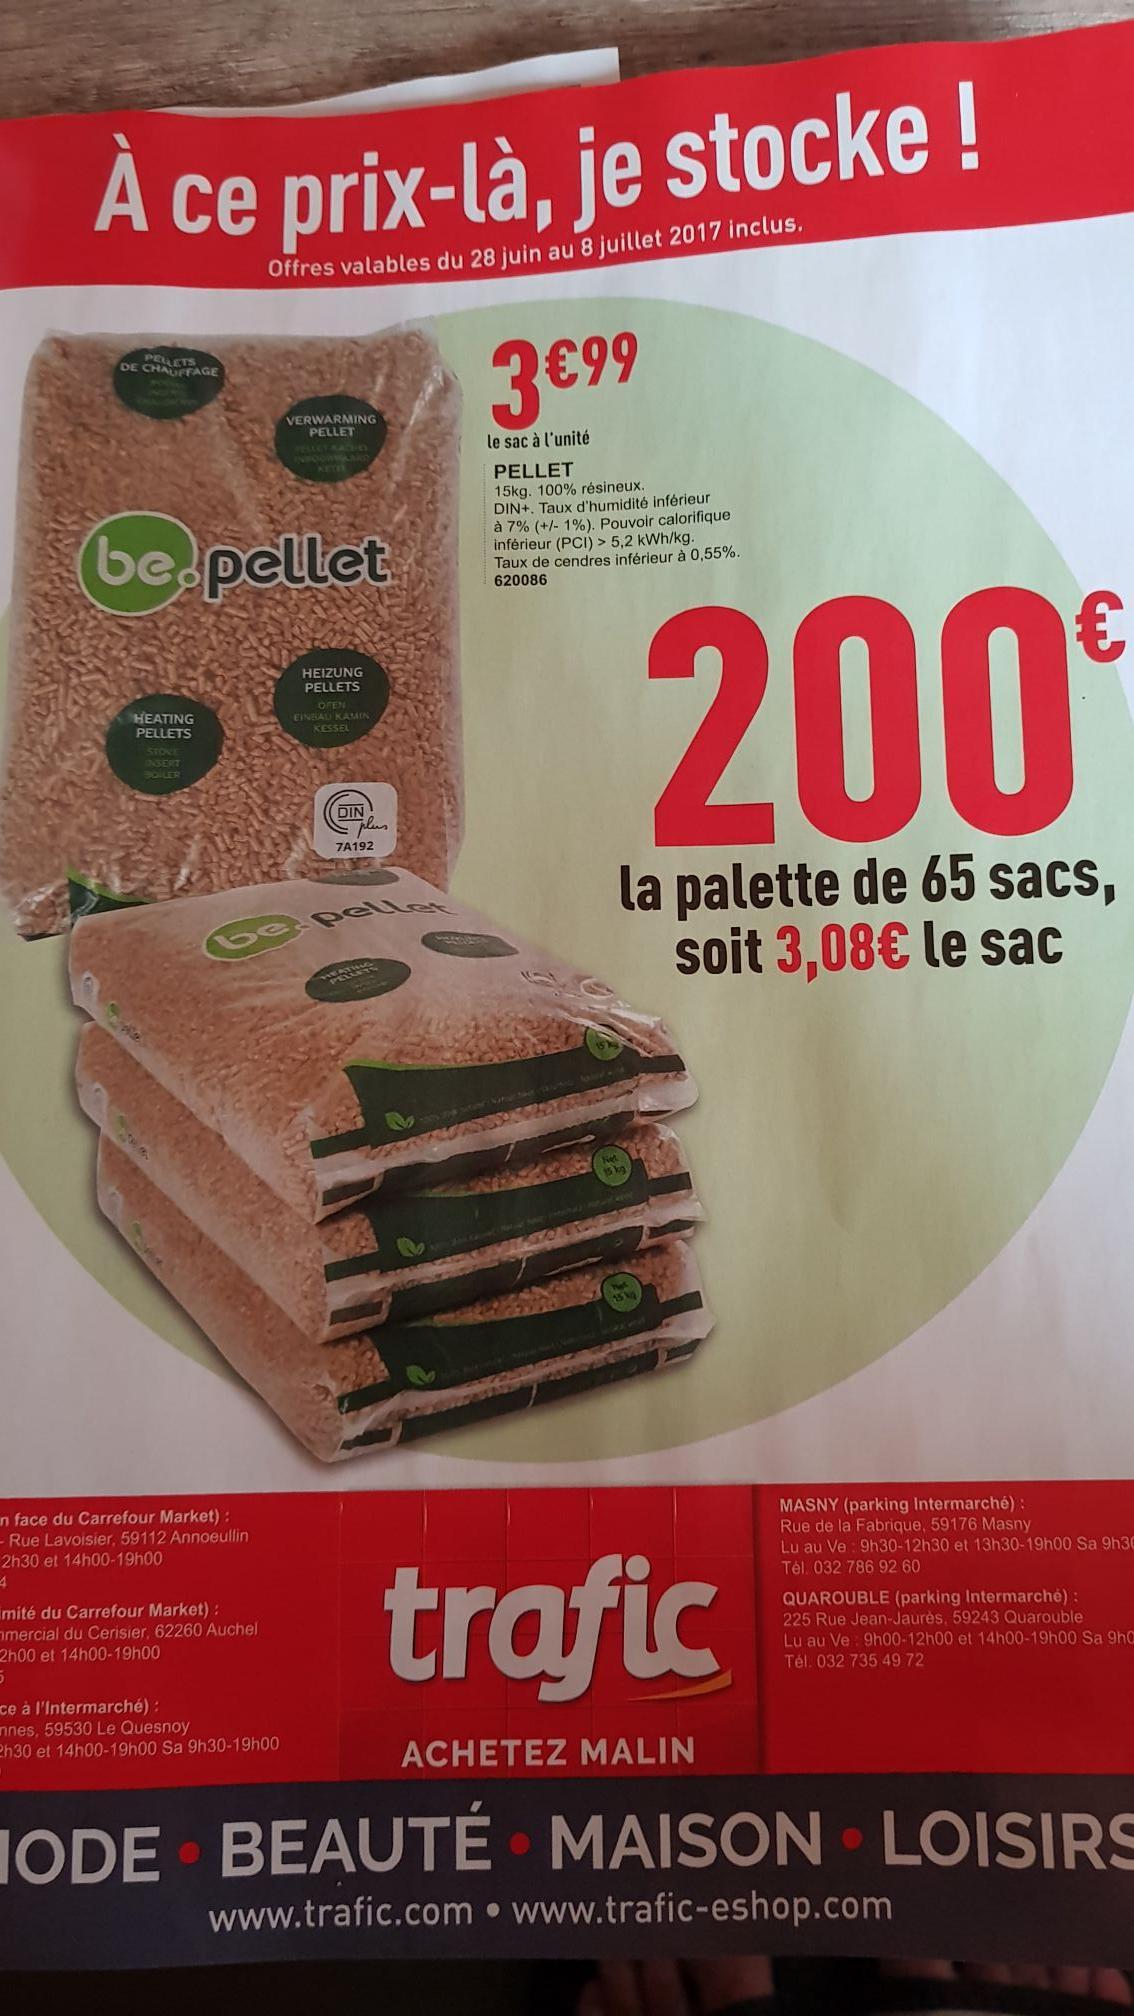 Palette de 65 sacs de 15 kg de granulés de bois Be.pellet DIN plus